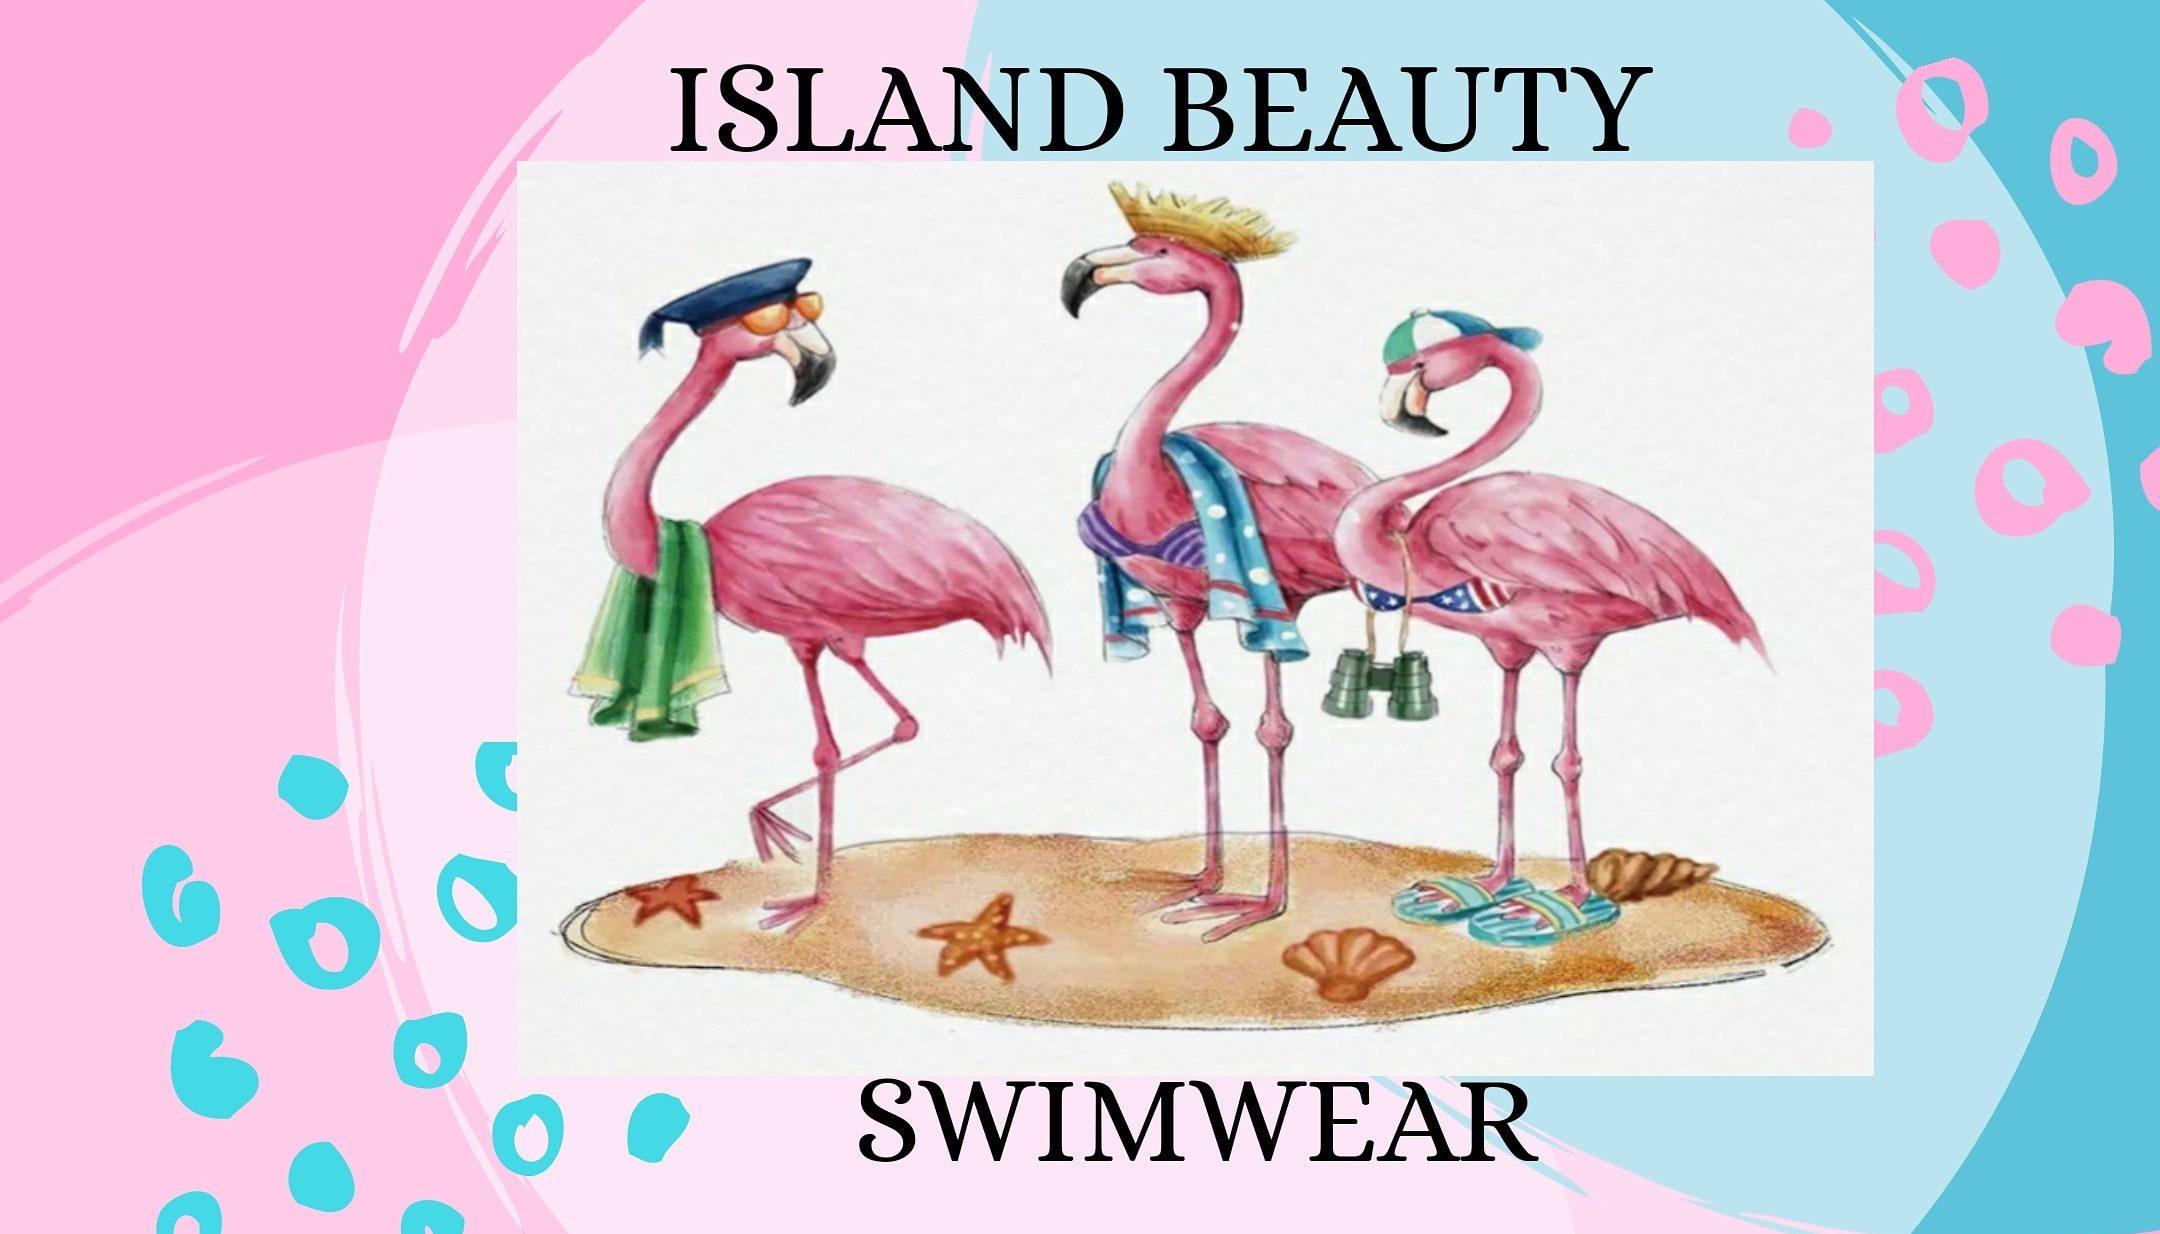 Island Beauty Swimwear